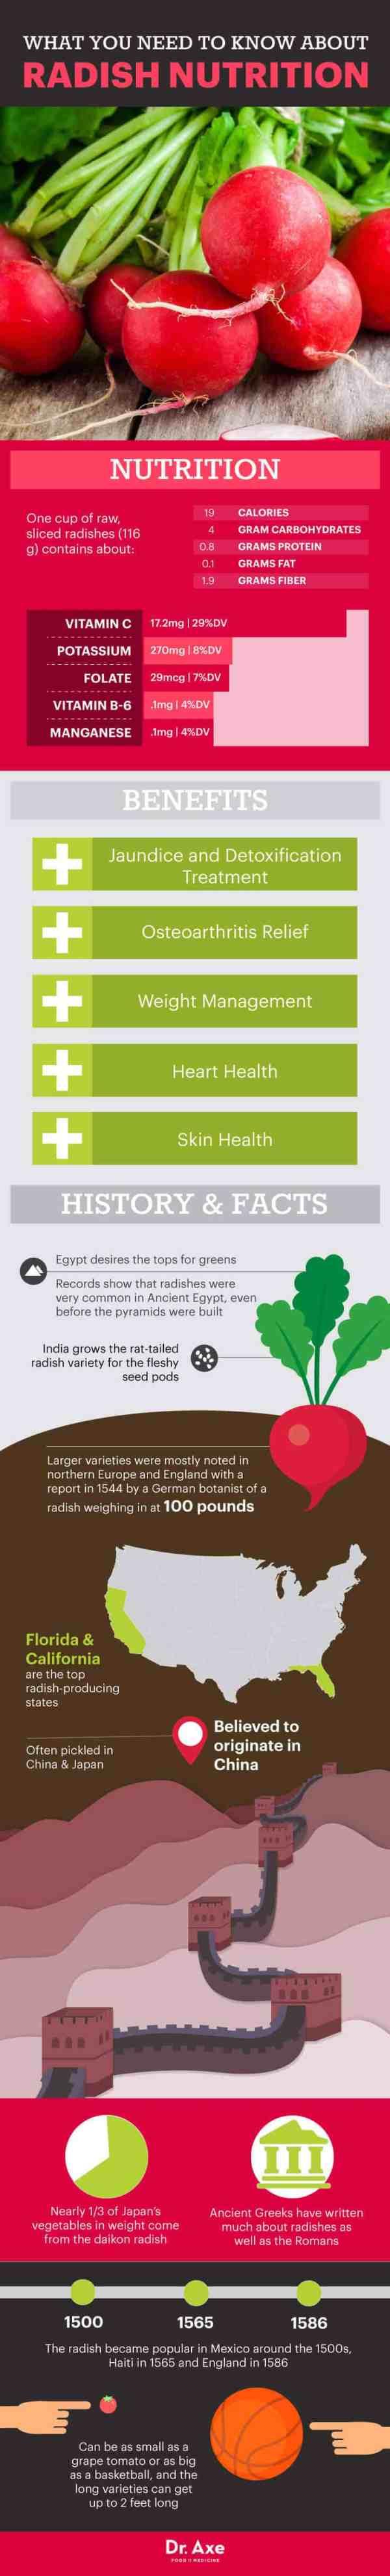 Radish Nutrition Health Benefits amp Recipes Dr Axe